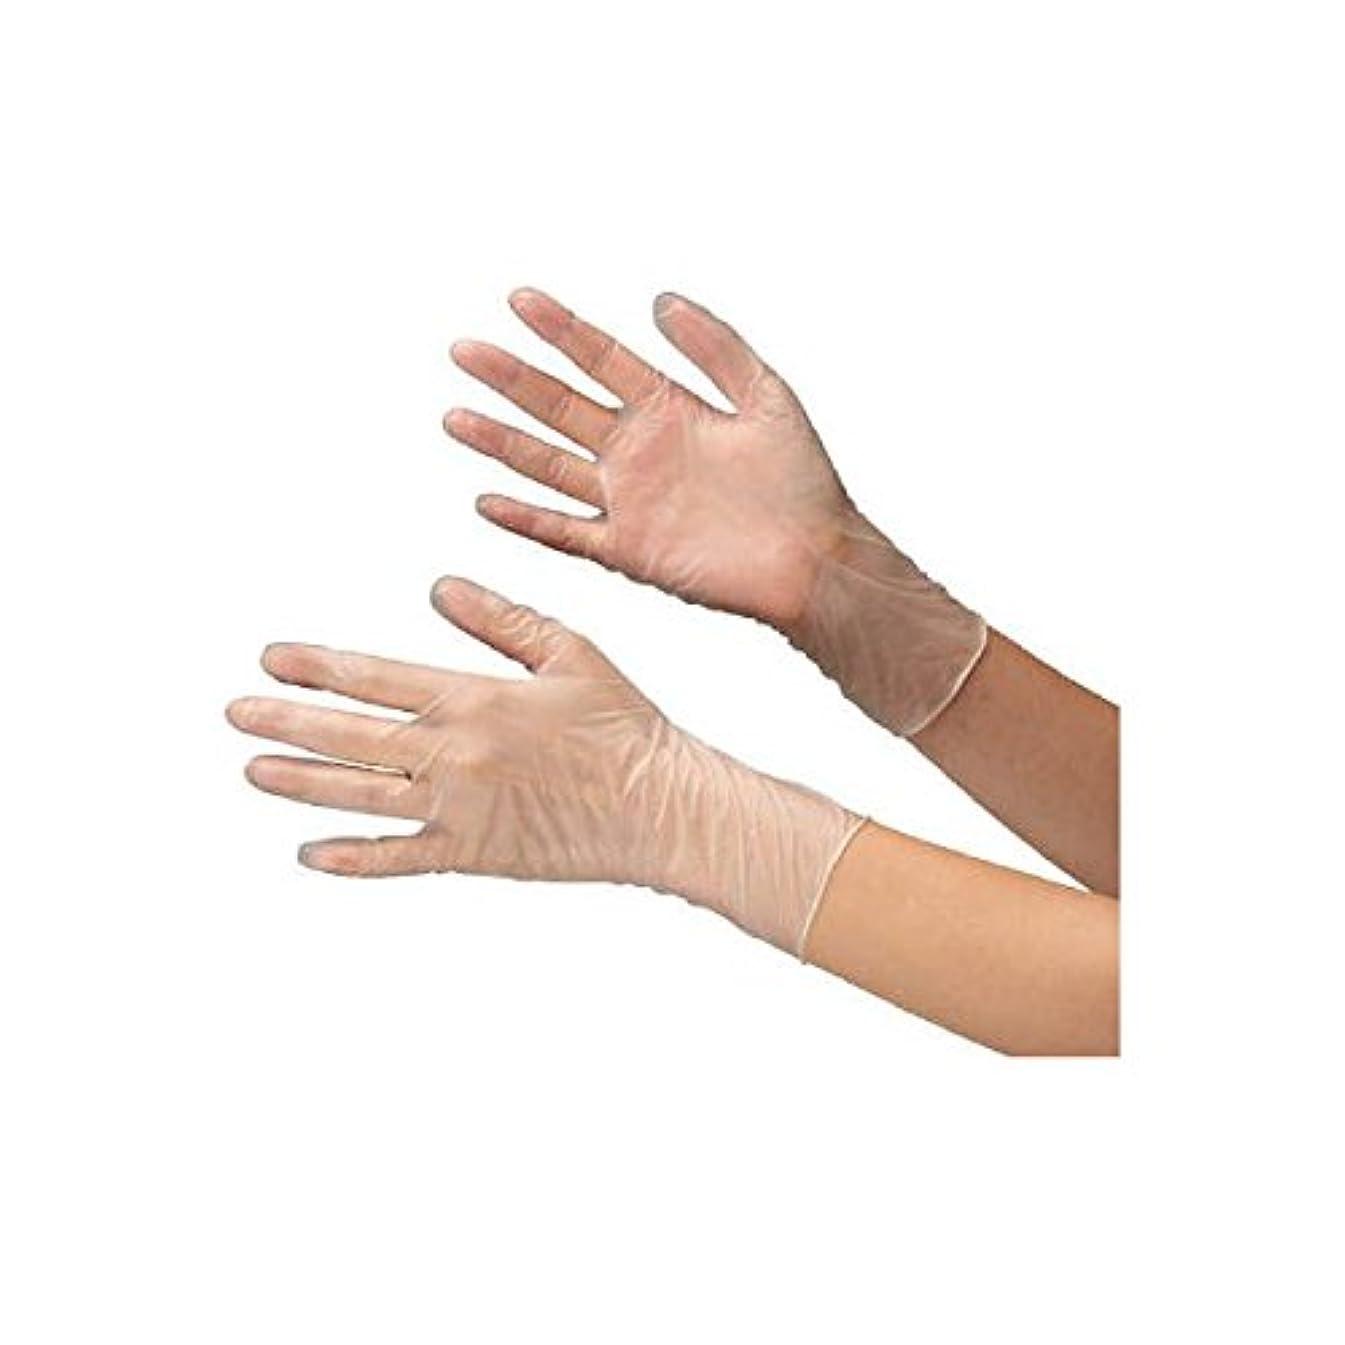 勇気たらいうぬぼれたミドリ安全/ミドリ安全 塩化ビニール製 使い捨て手袋 粉なし 100枚入 LL(3889319) VERTE-851-LL [その他]